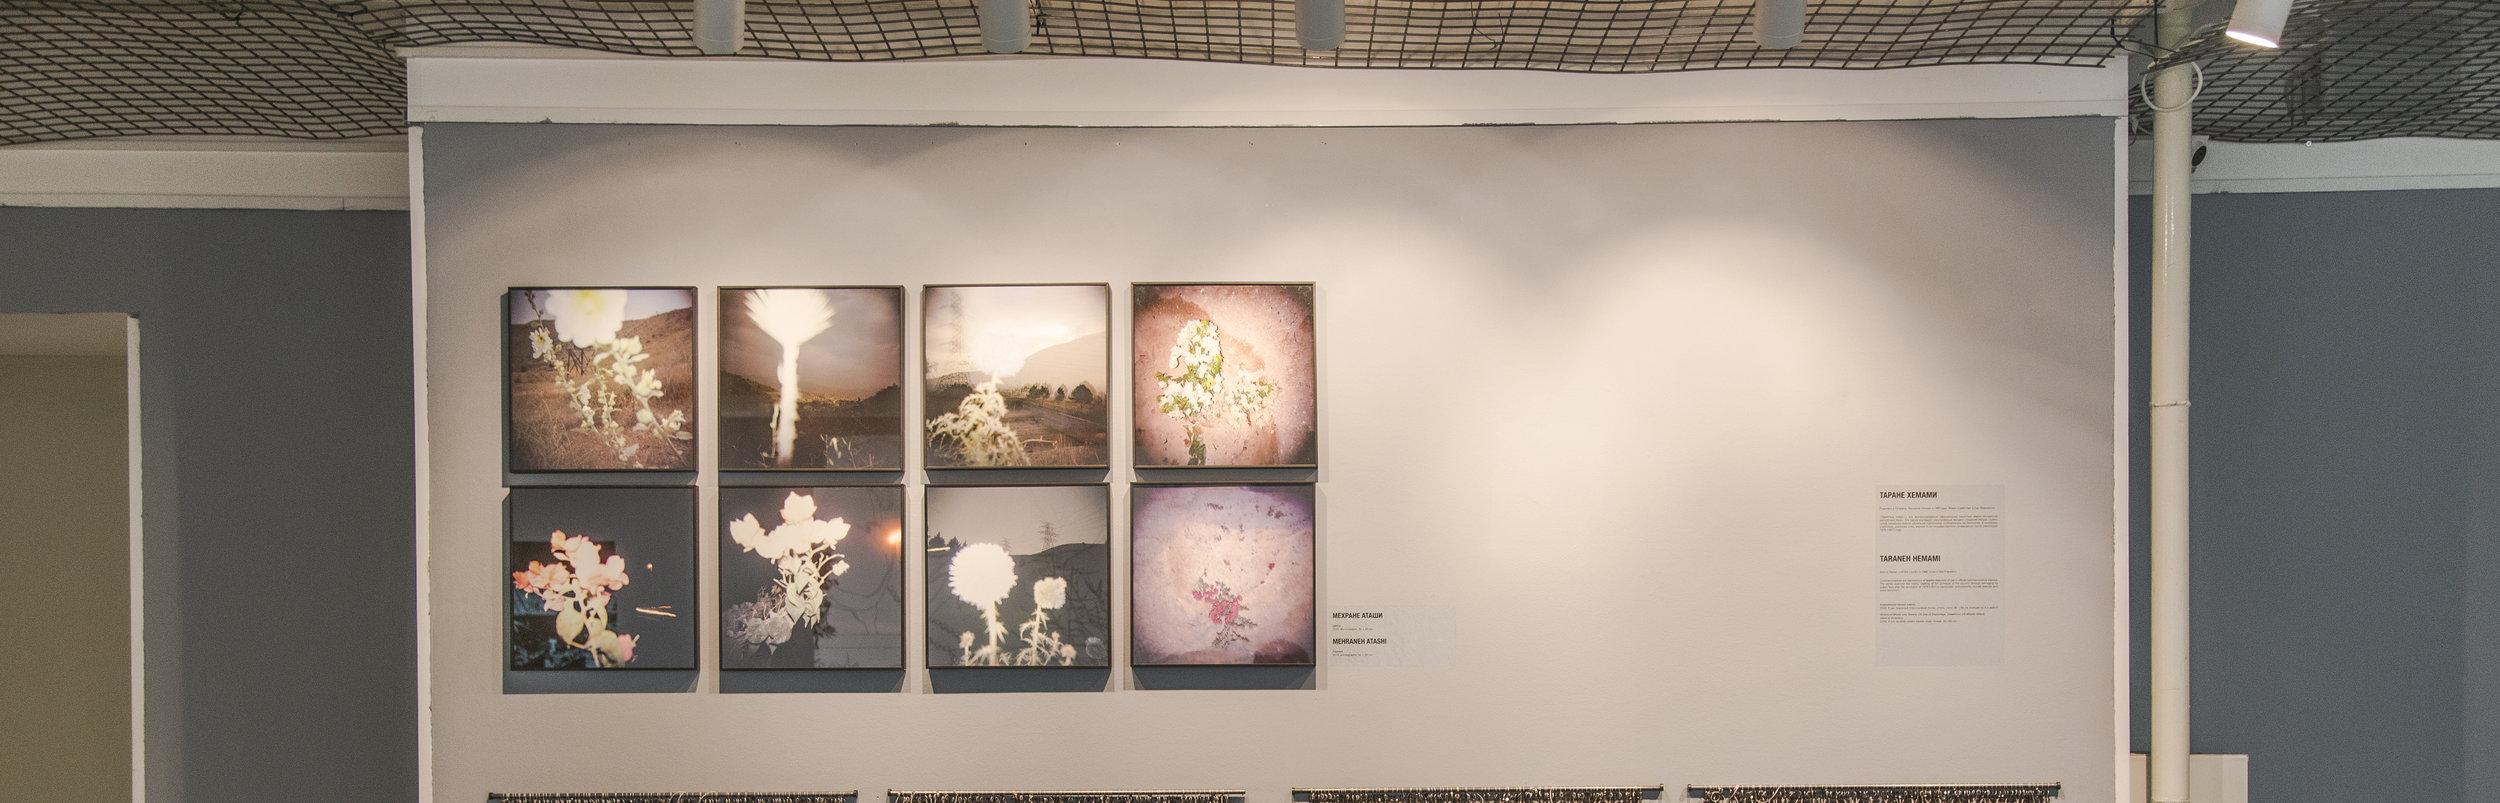 Installation view Triumph gallery, flower, 2016